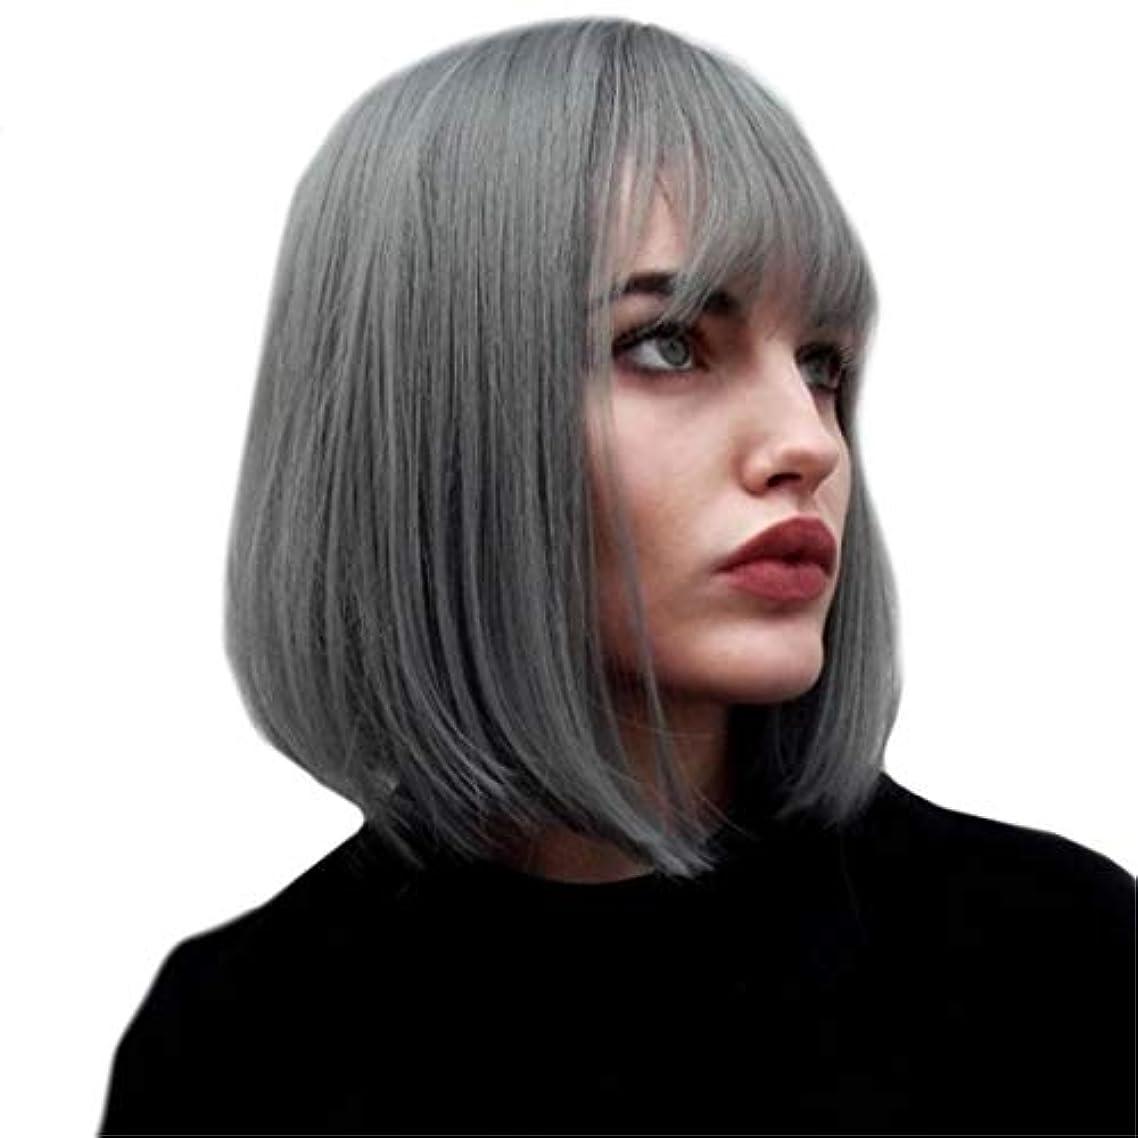 強度水銀の最も早いSummerys ふわふわのショートストレートヘアボブウィッググレーショートヘアケミカルファイバーウィッグセット女性用